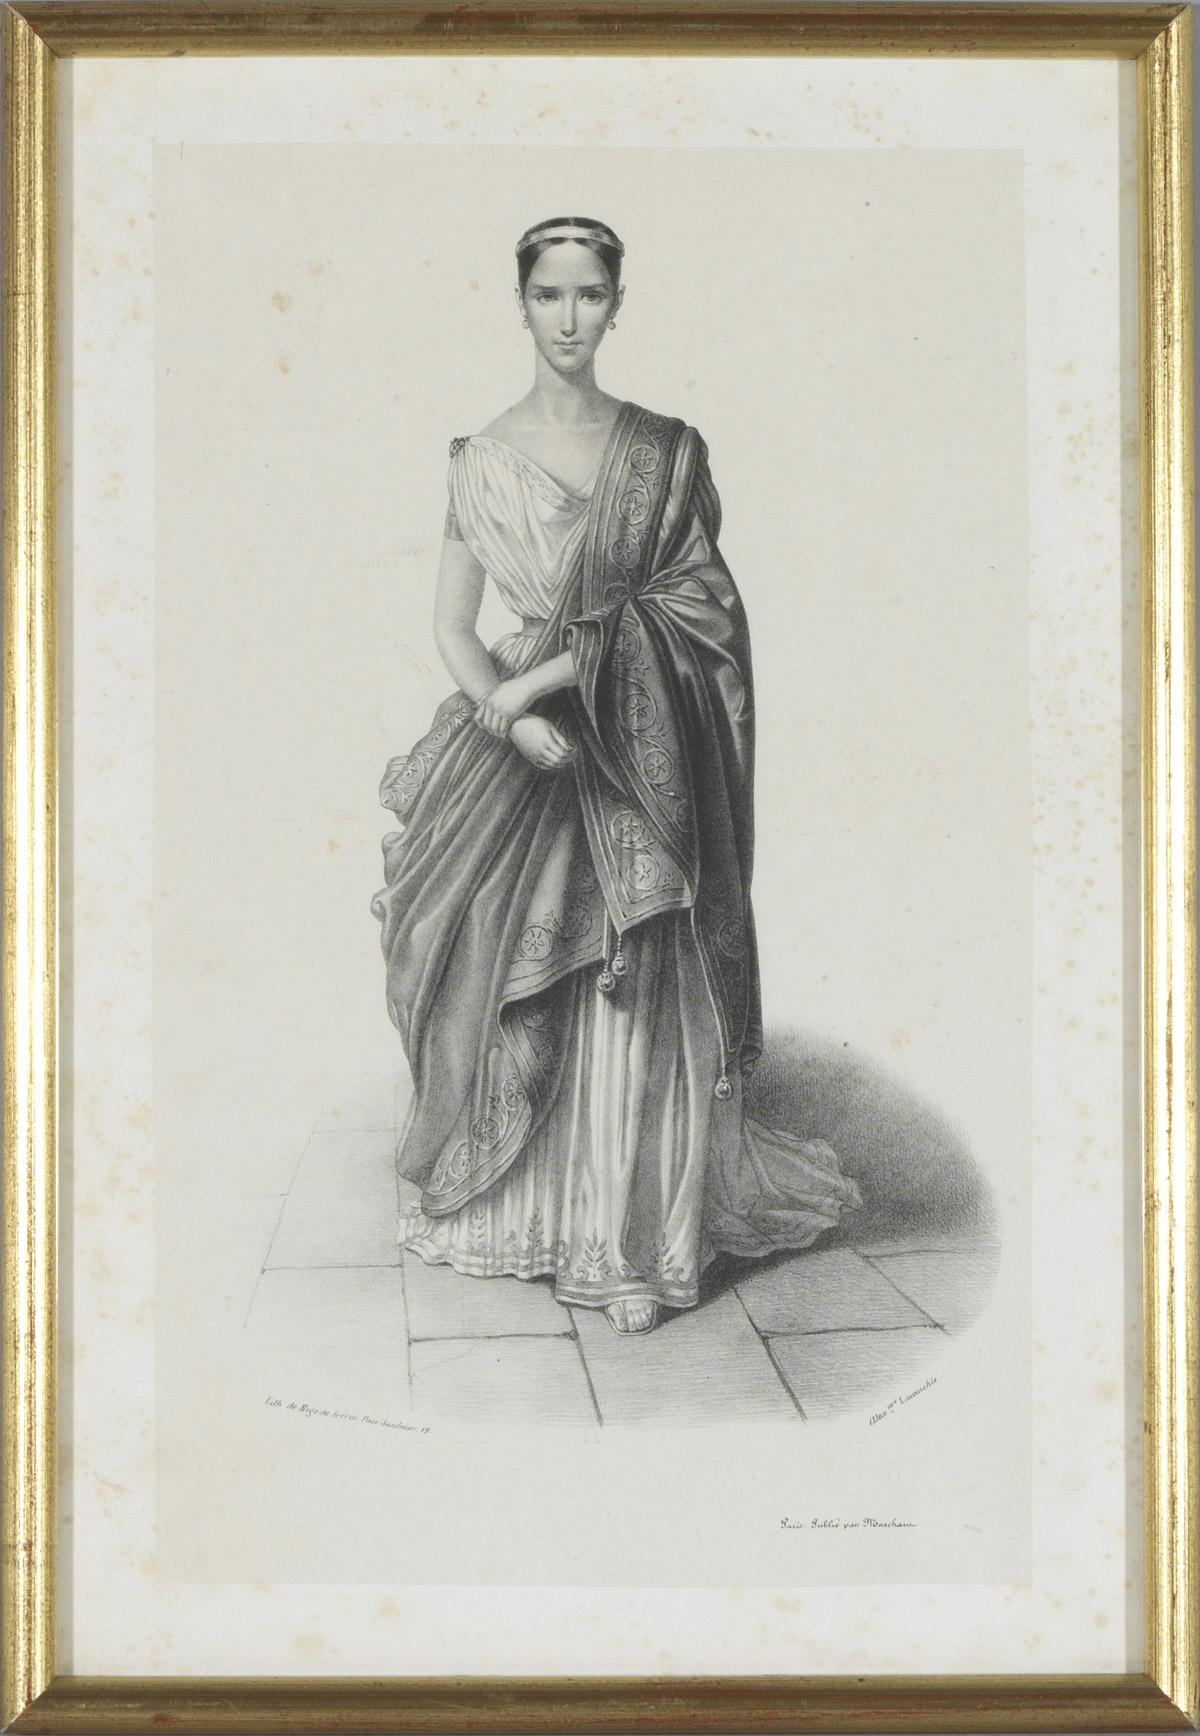 Lithographie : Portrait de Rachel - Patrimoine Charles-André COLONNA WALEWSKI, en ligne directe de Napoléon